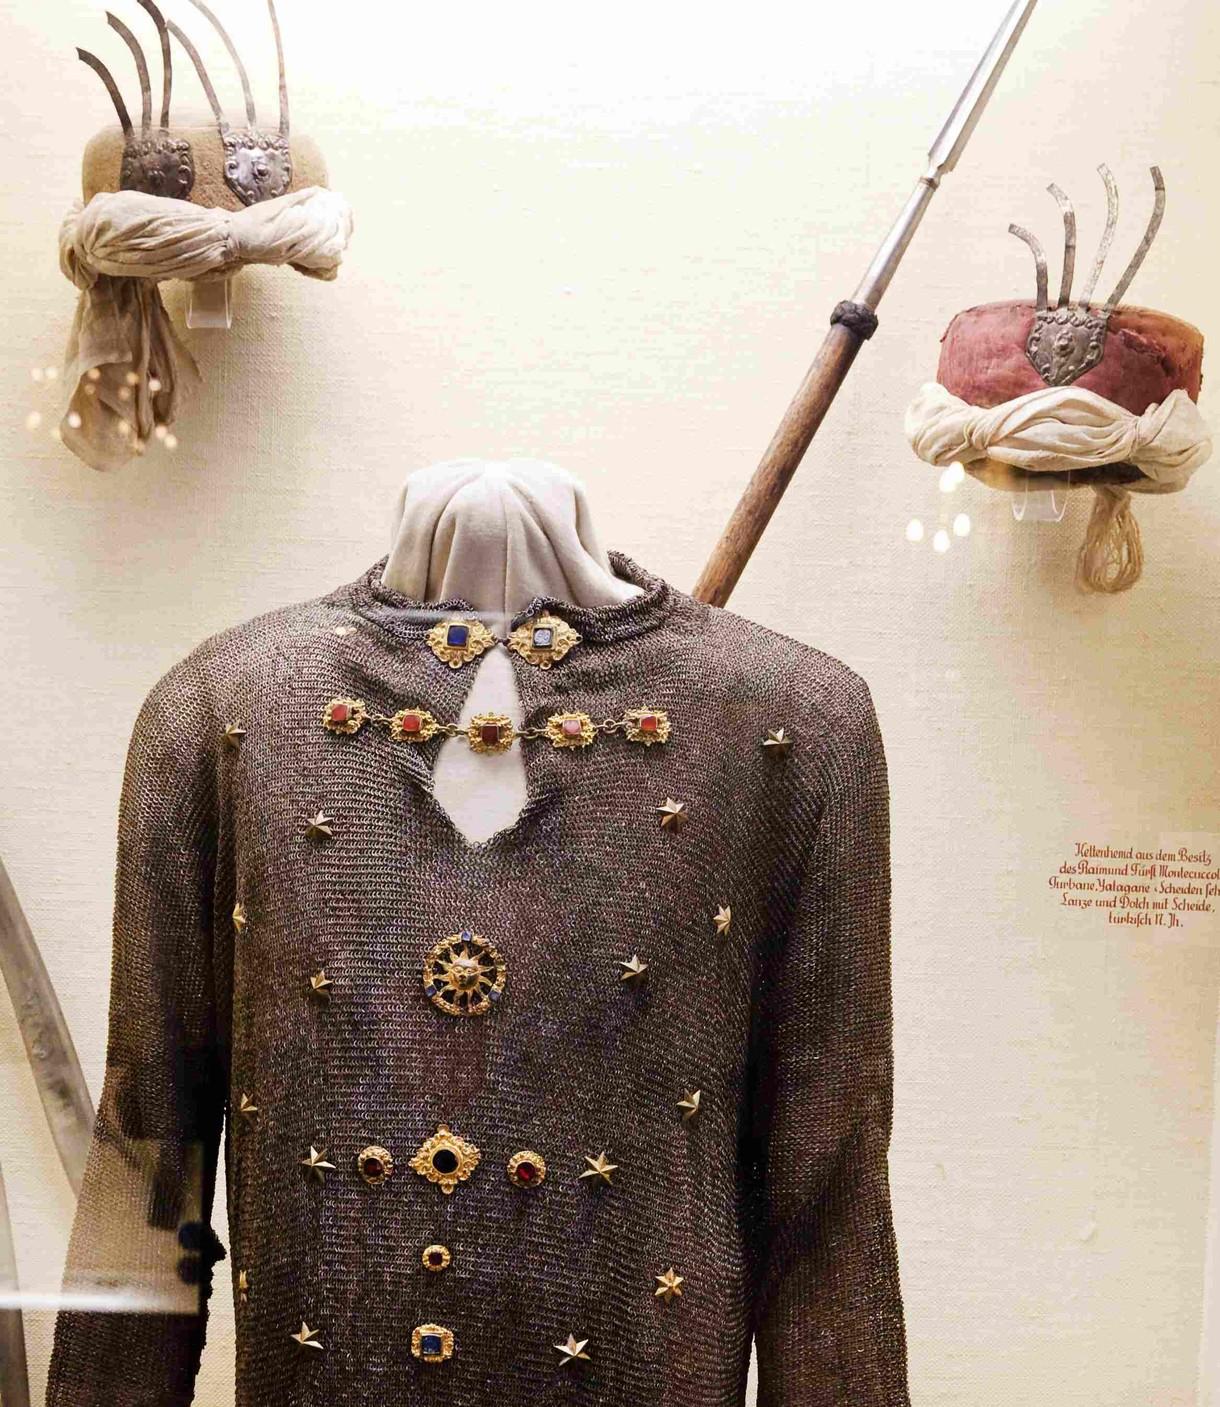 Uniform und Kopfbedeckungen eines osmanischen Soldaten in der Vitrine.